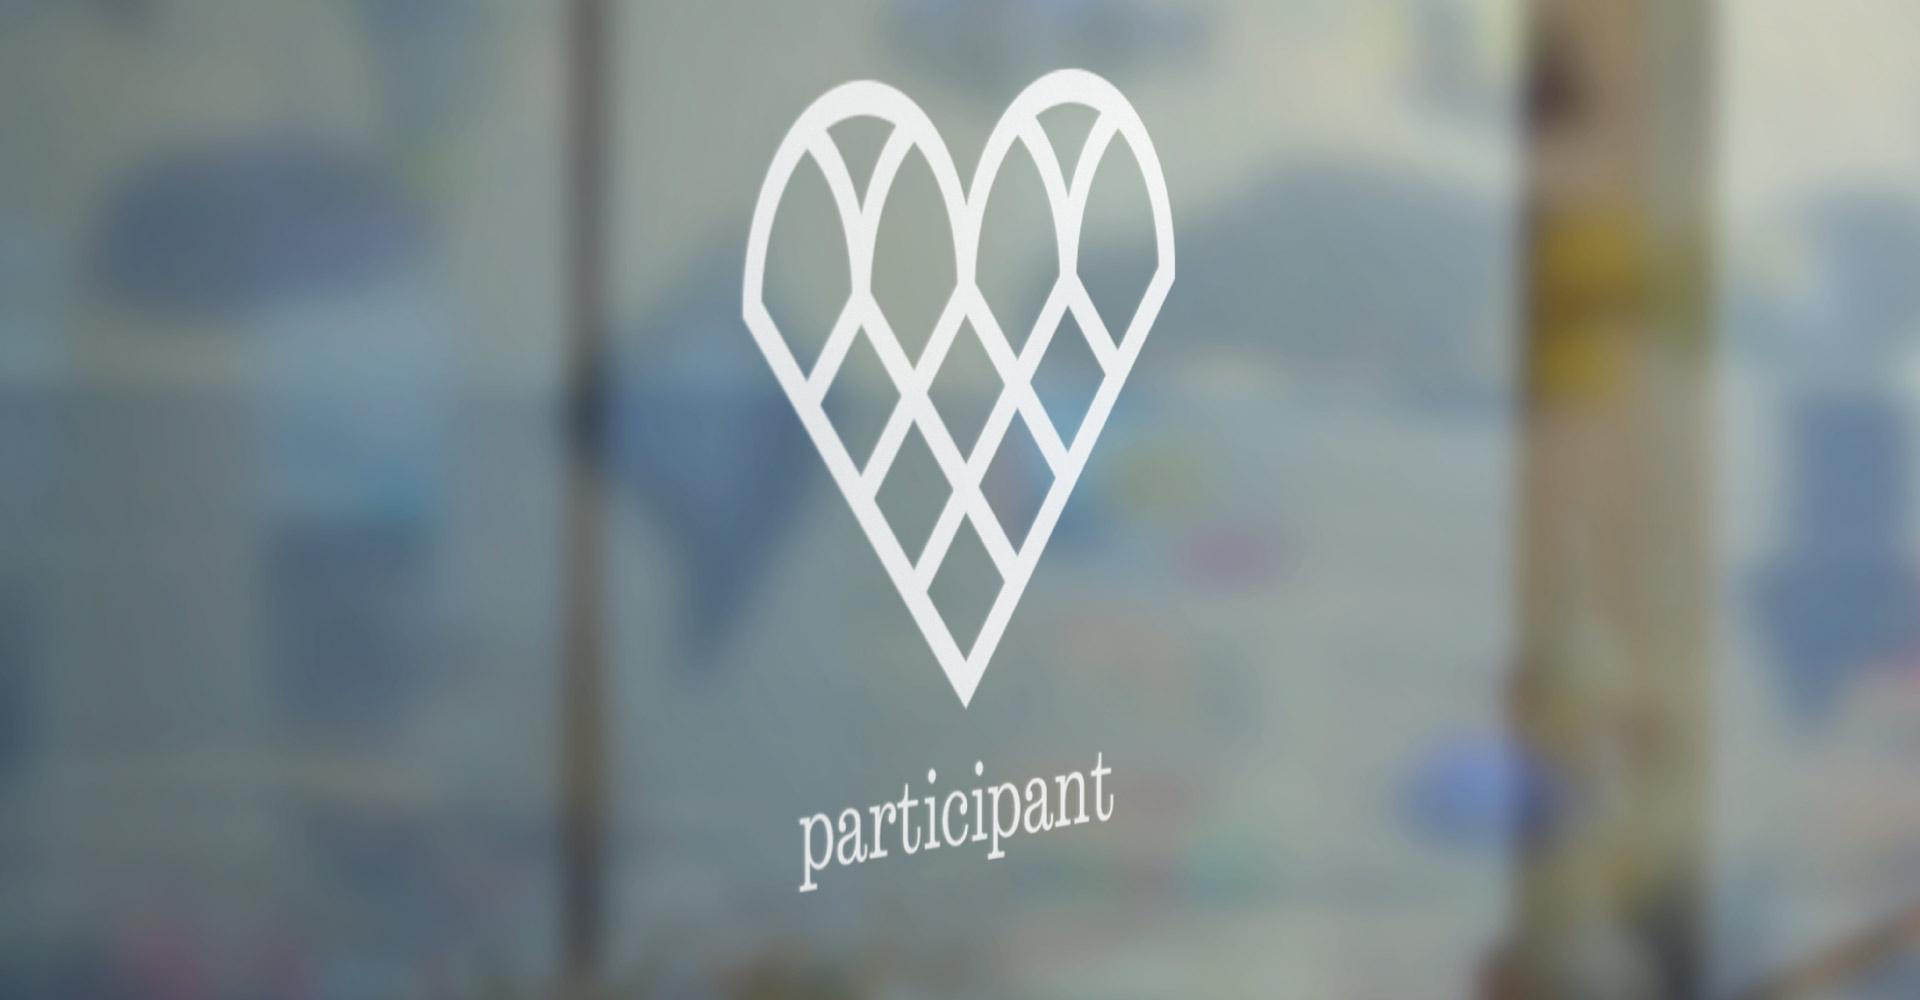 Creative_Retail_Packaging_Sweet_Week_Seattle_Branding_Design_04.jpg